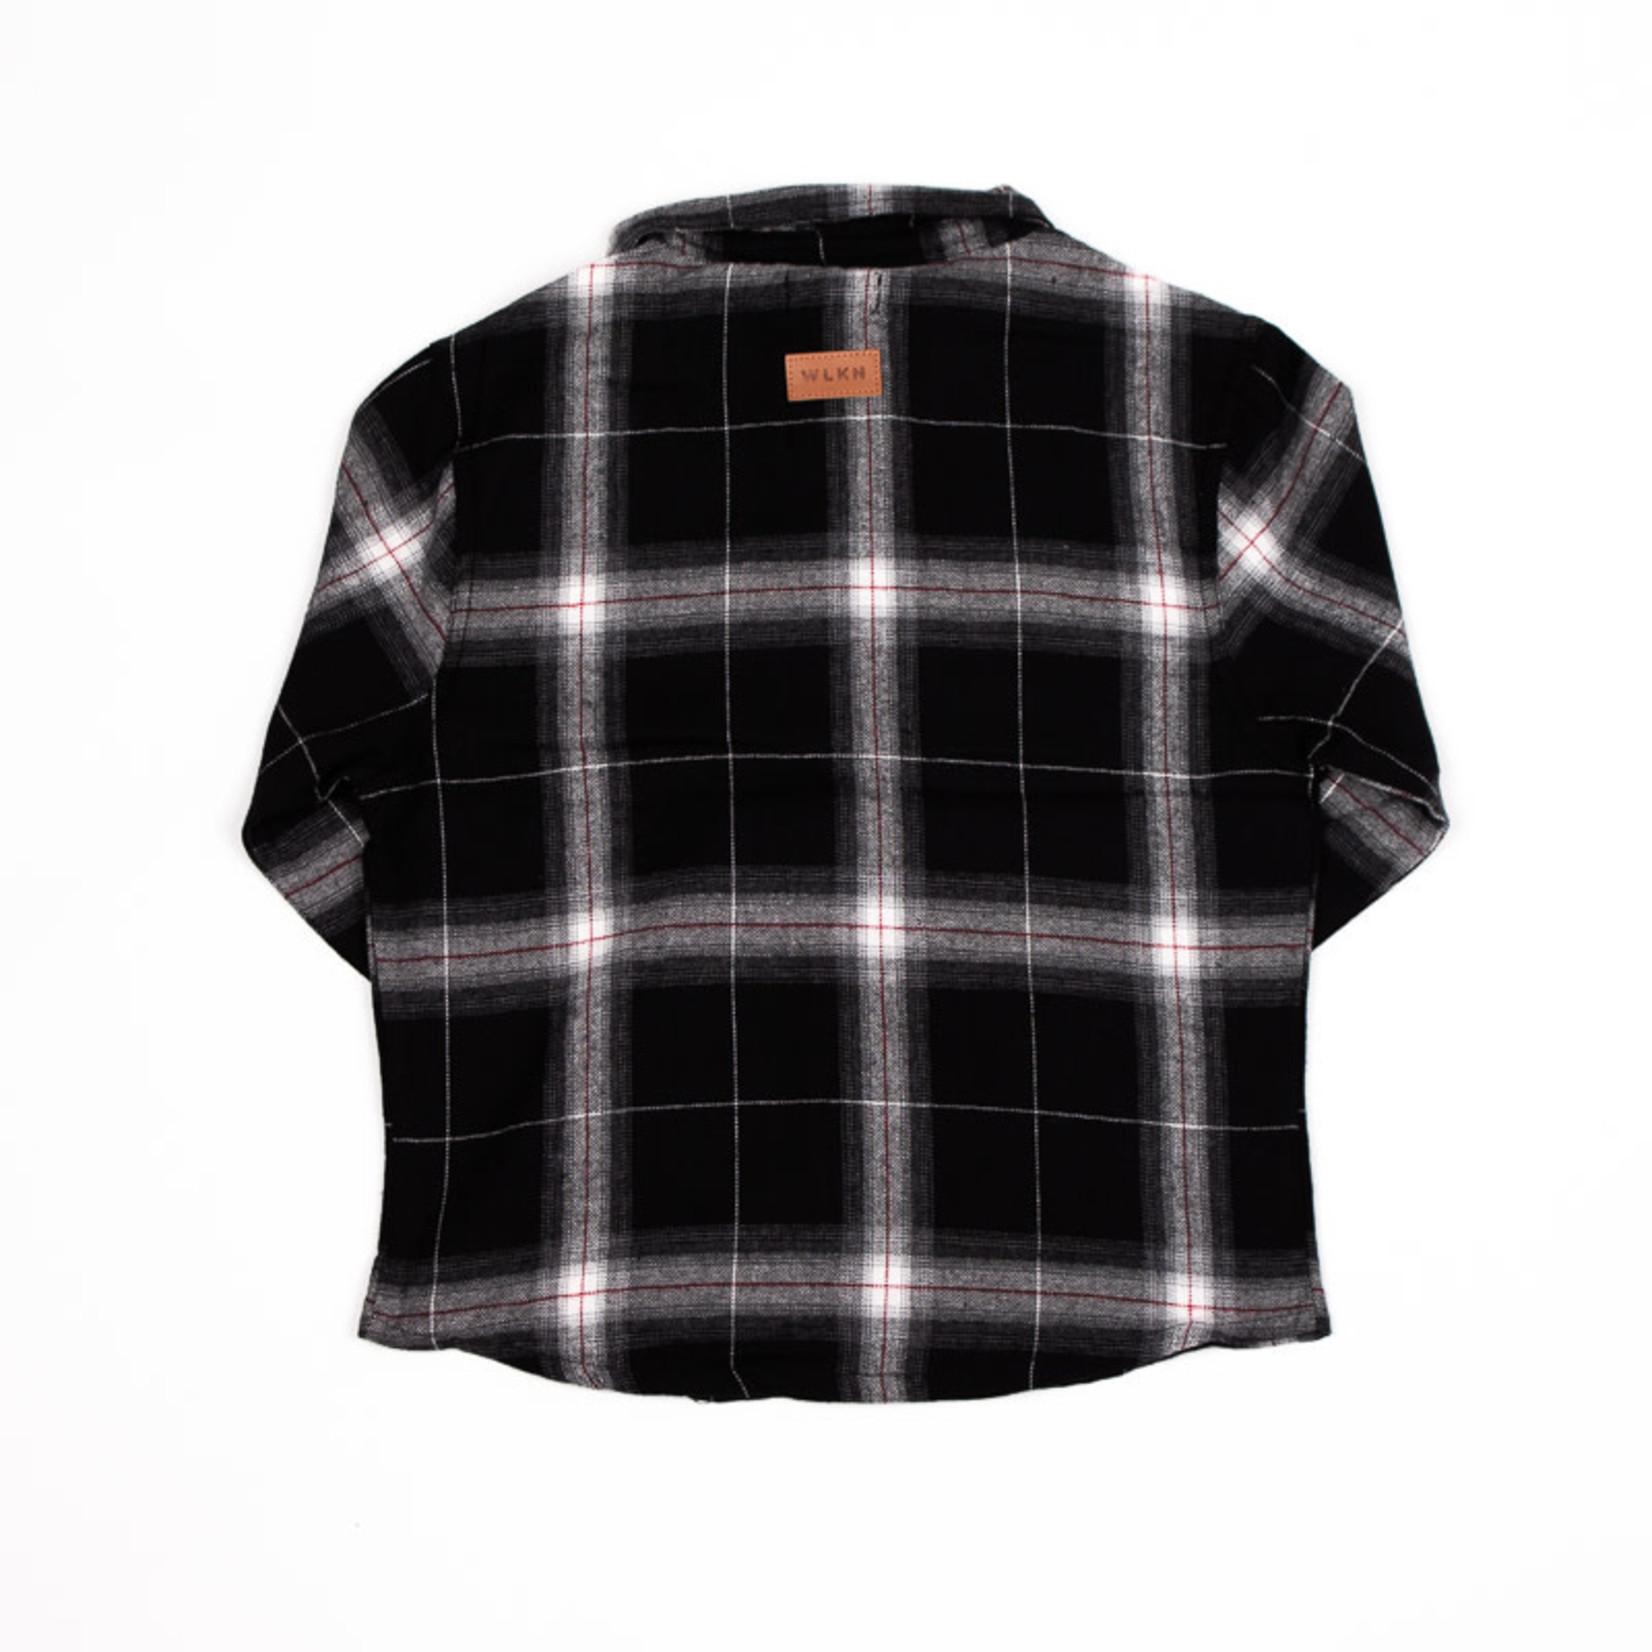 WLKN WLKN : Junior Lewis Button Up Shirt